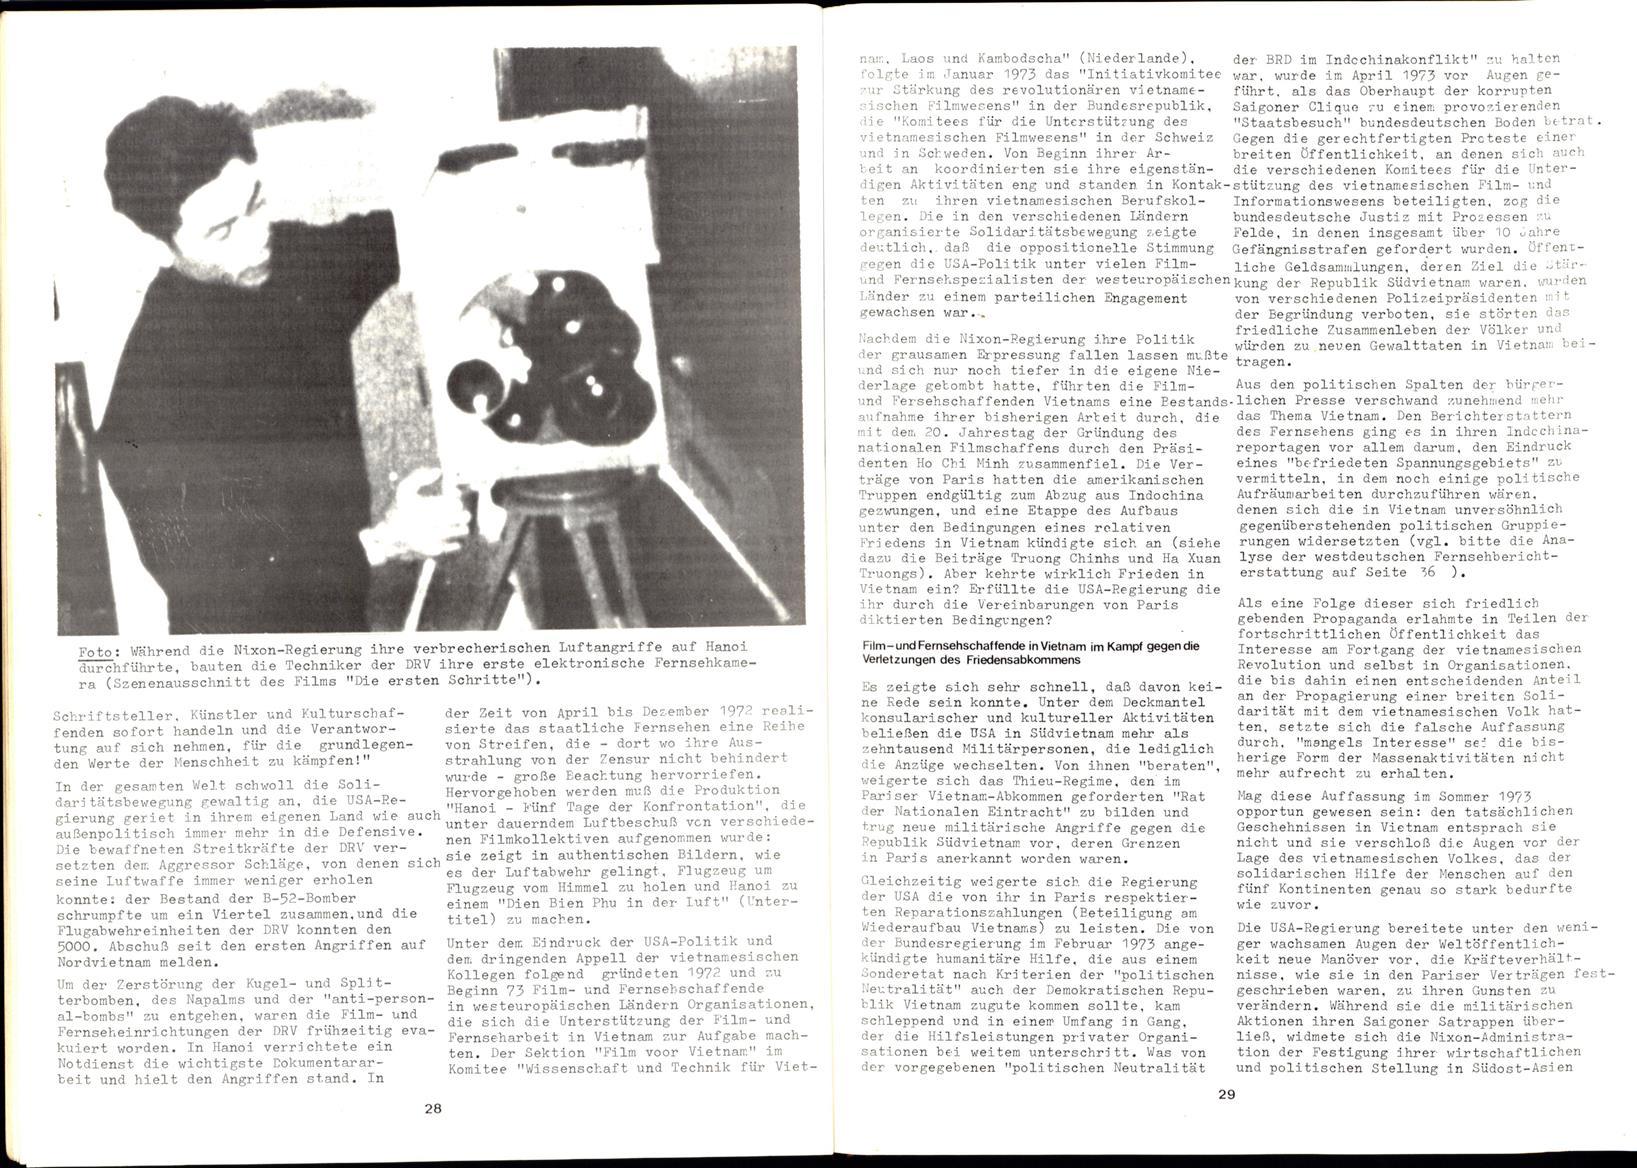 IK_Filmwesen_Bulletin_19740400_008_009_015